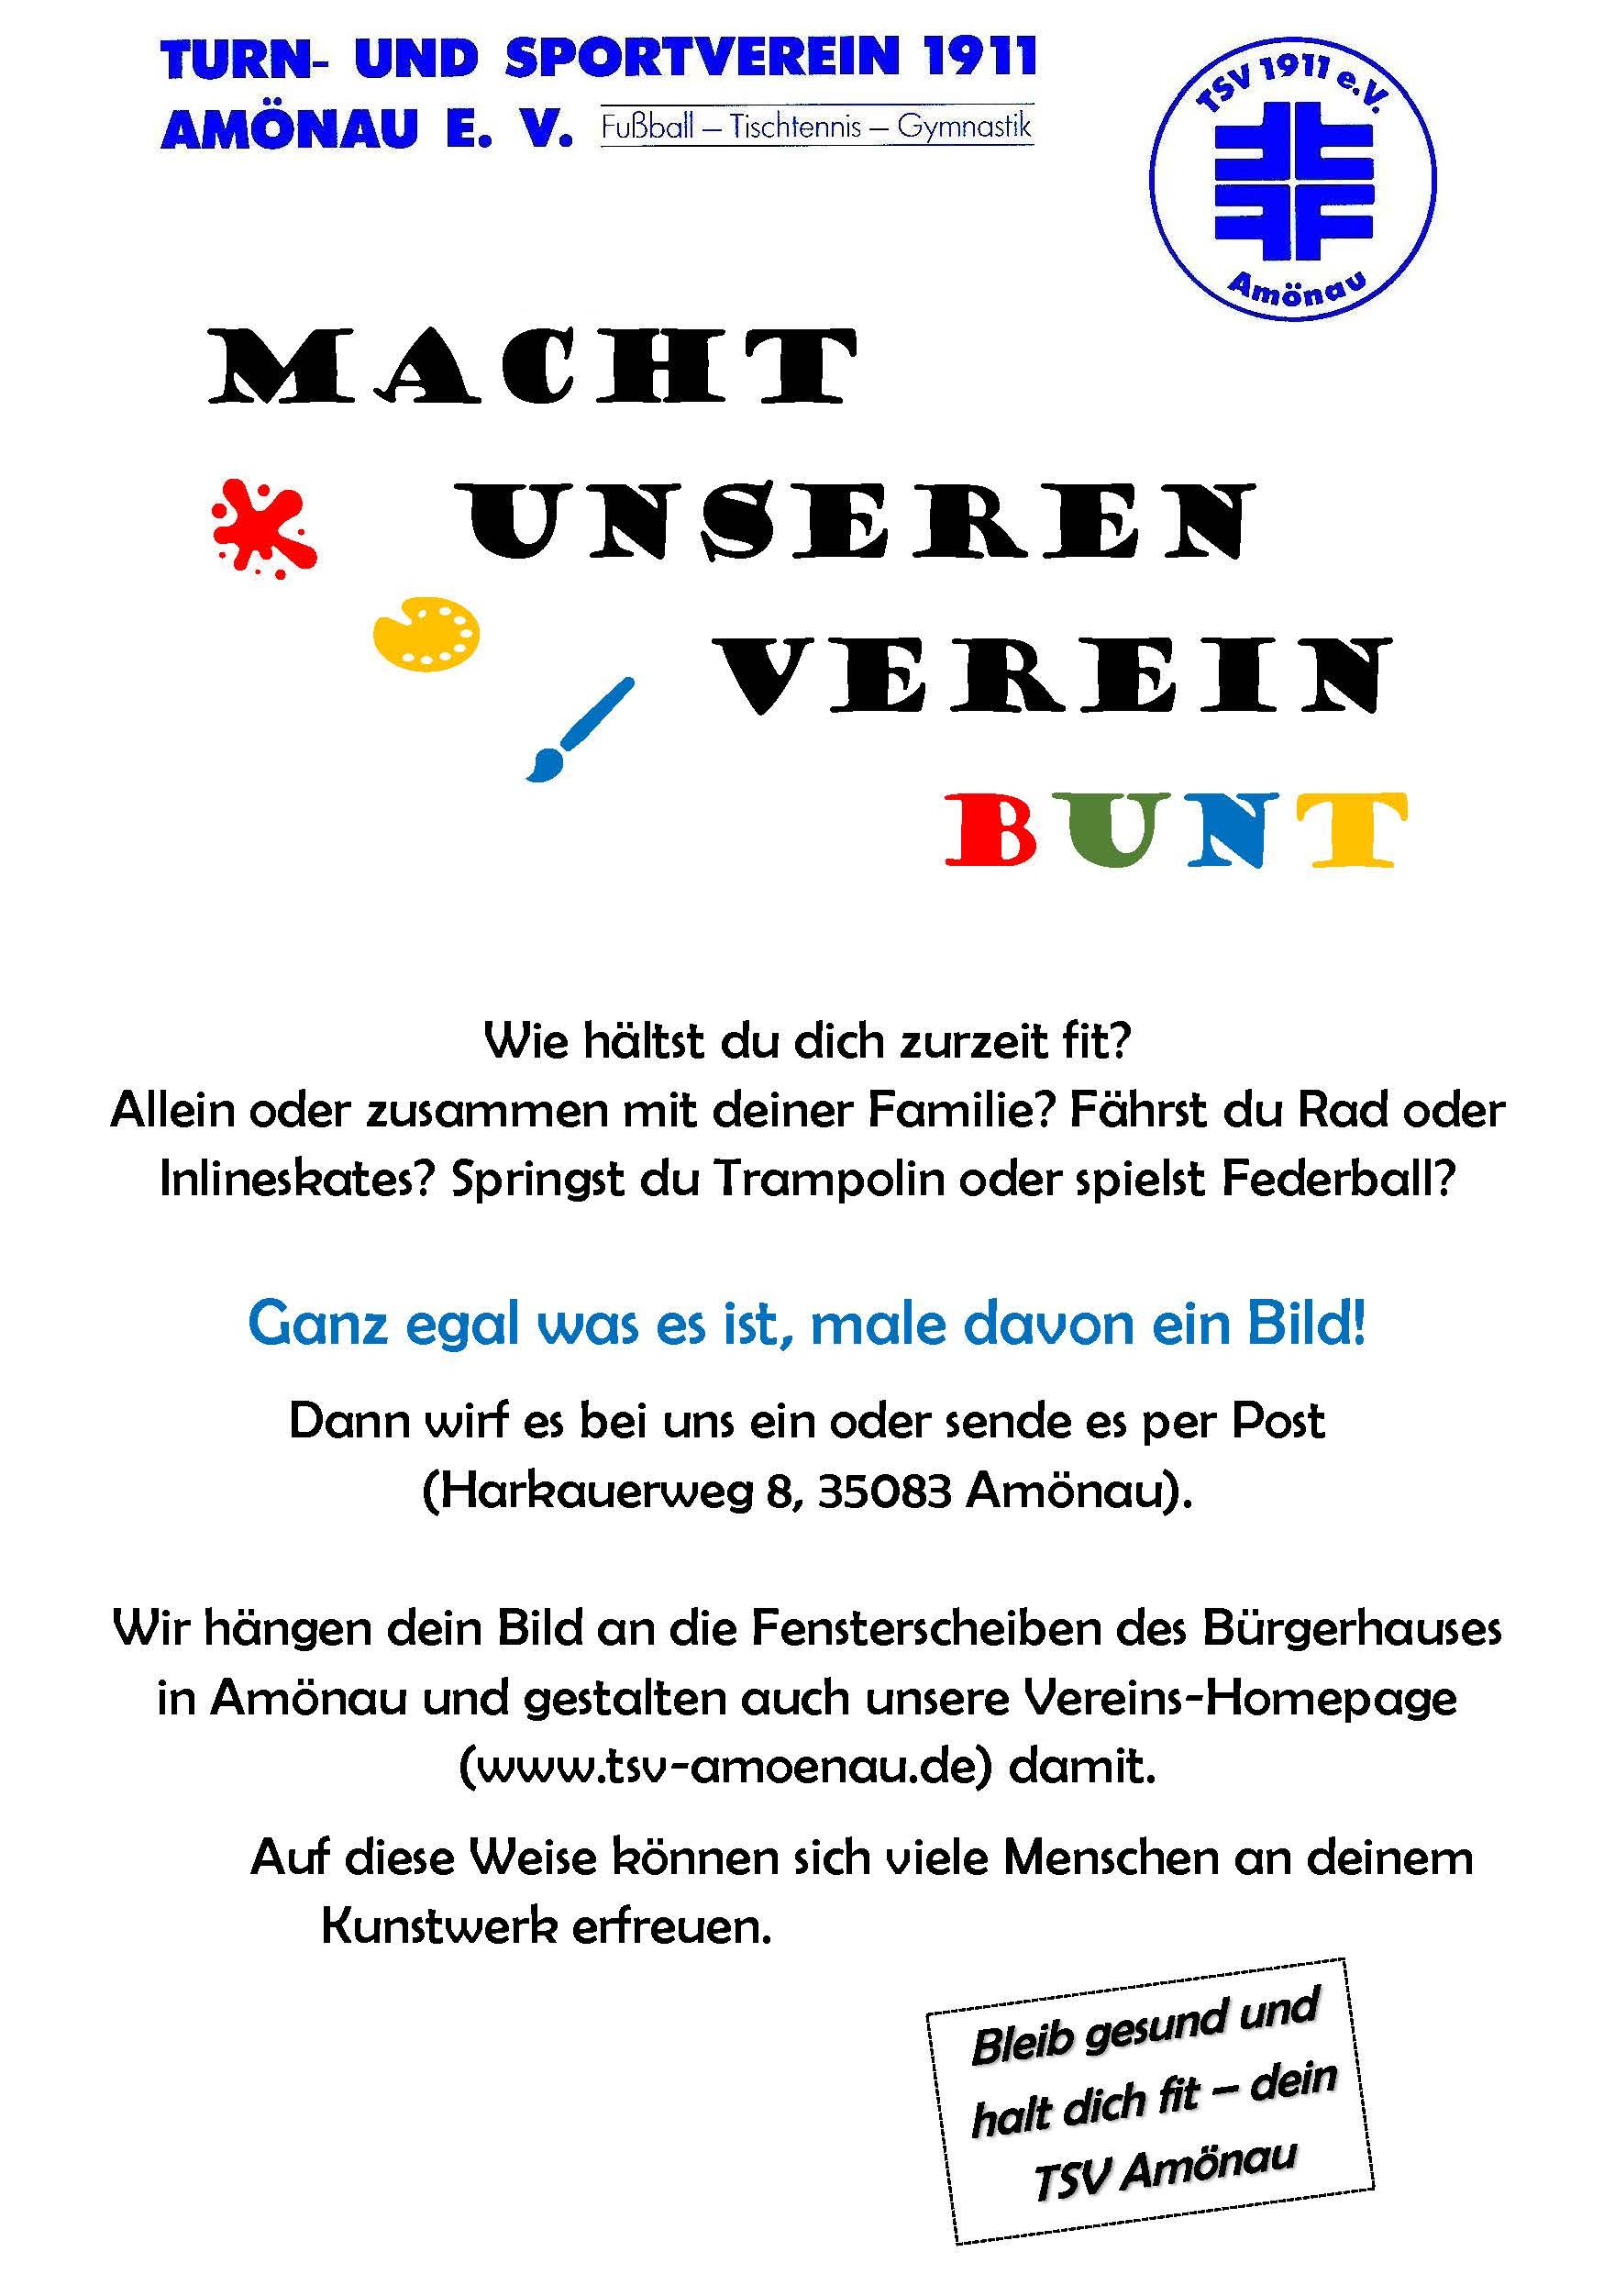 Macht unseren Verein BUNT!!!